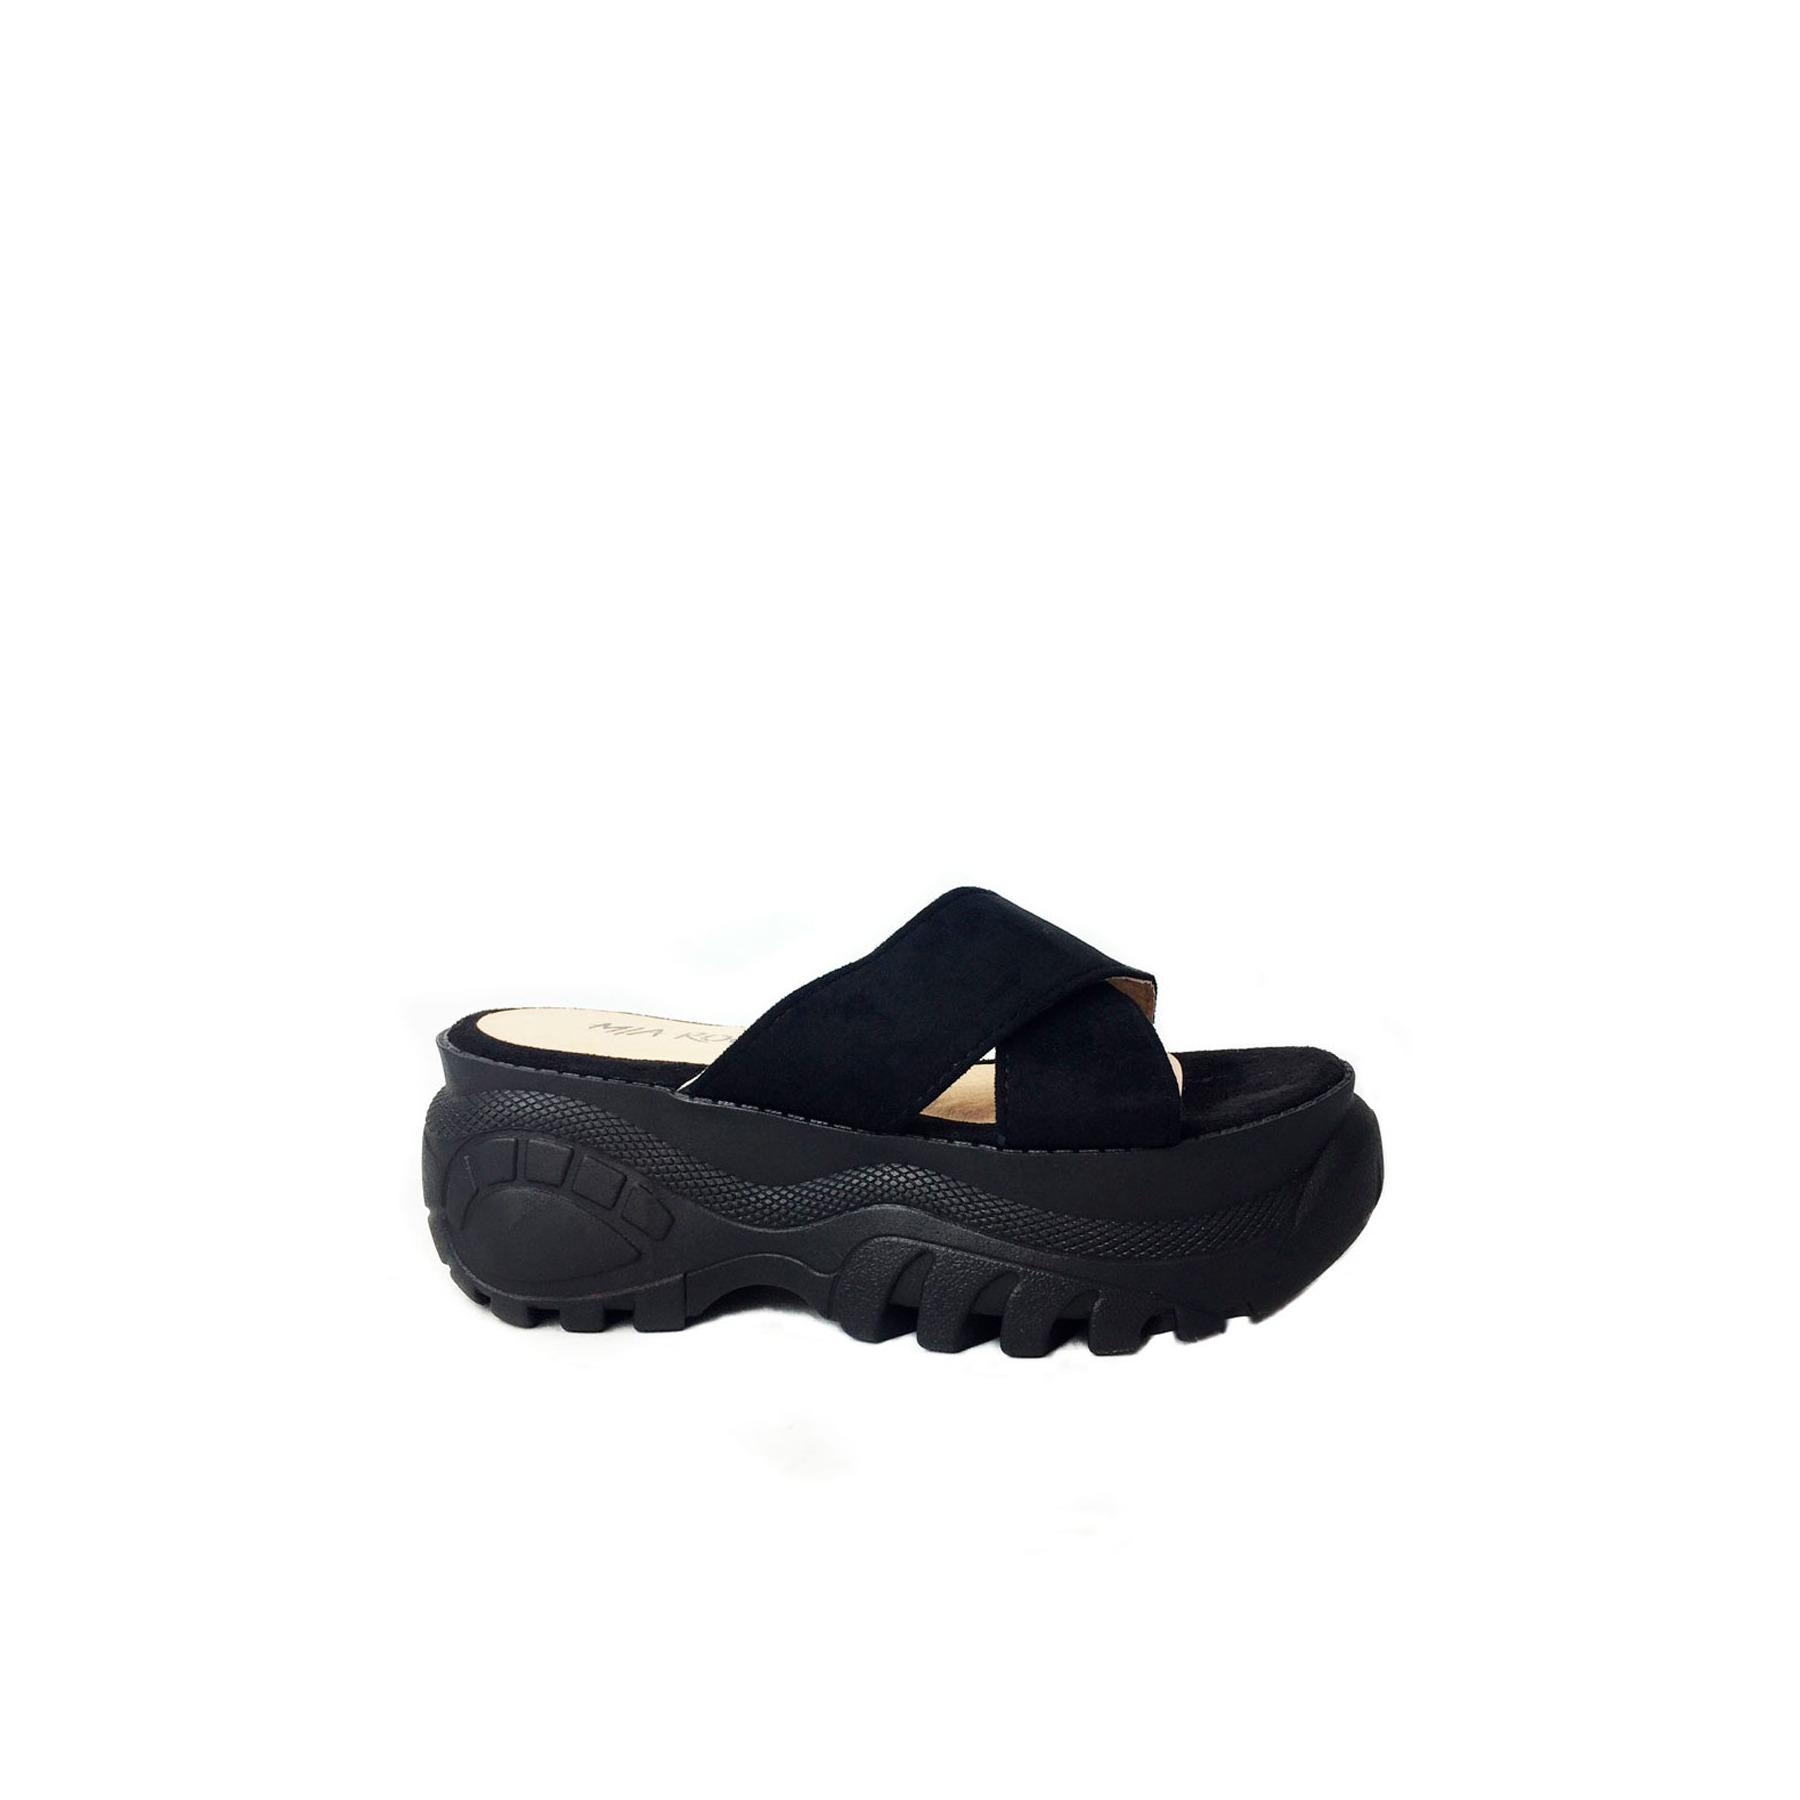 Negra V8nnm0wo Calzado Con Plataformauissos Suela Sandalia En Moda De DE2WHI9